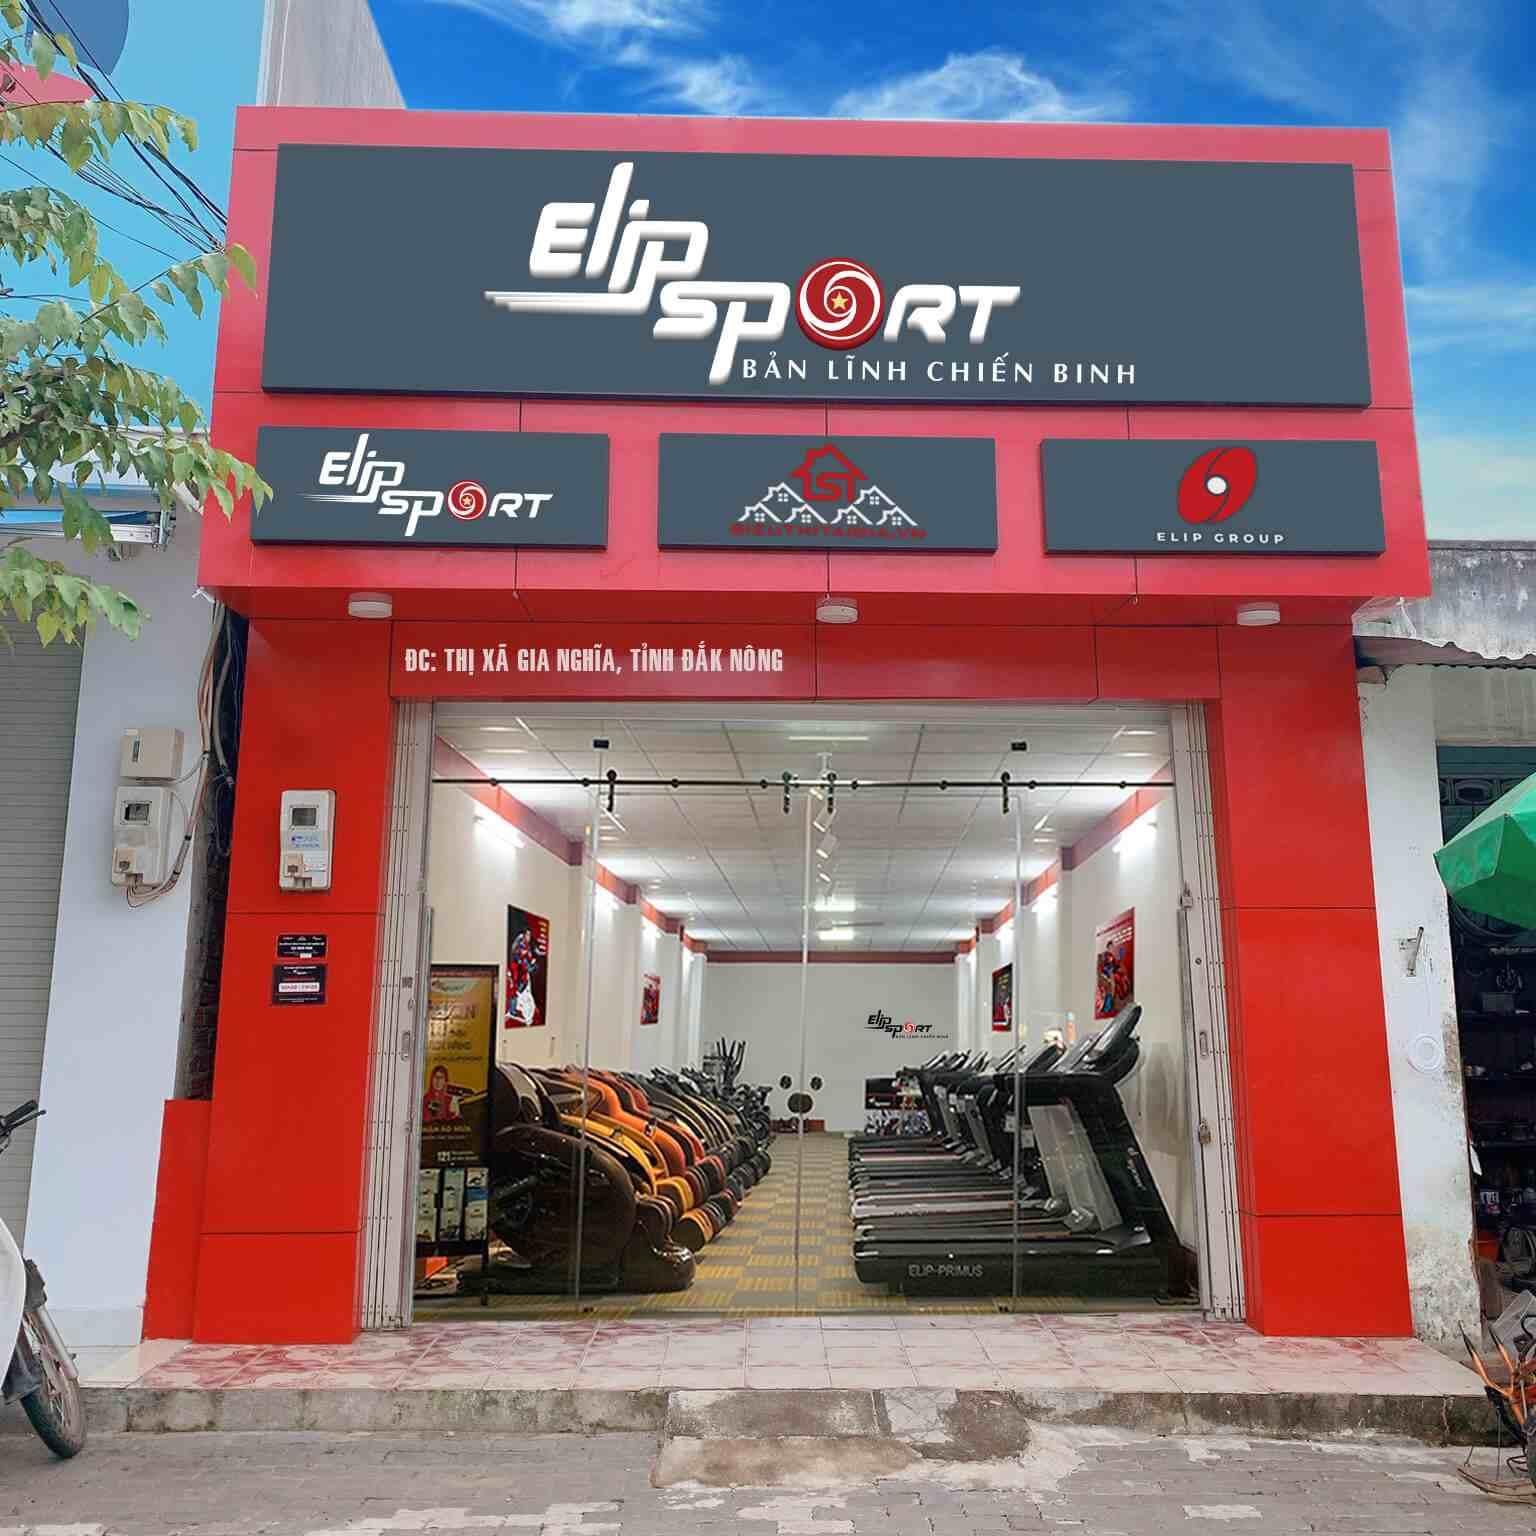 Hình ảnh của chi nhánh Elipsport Đăk Nông